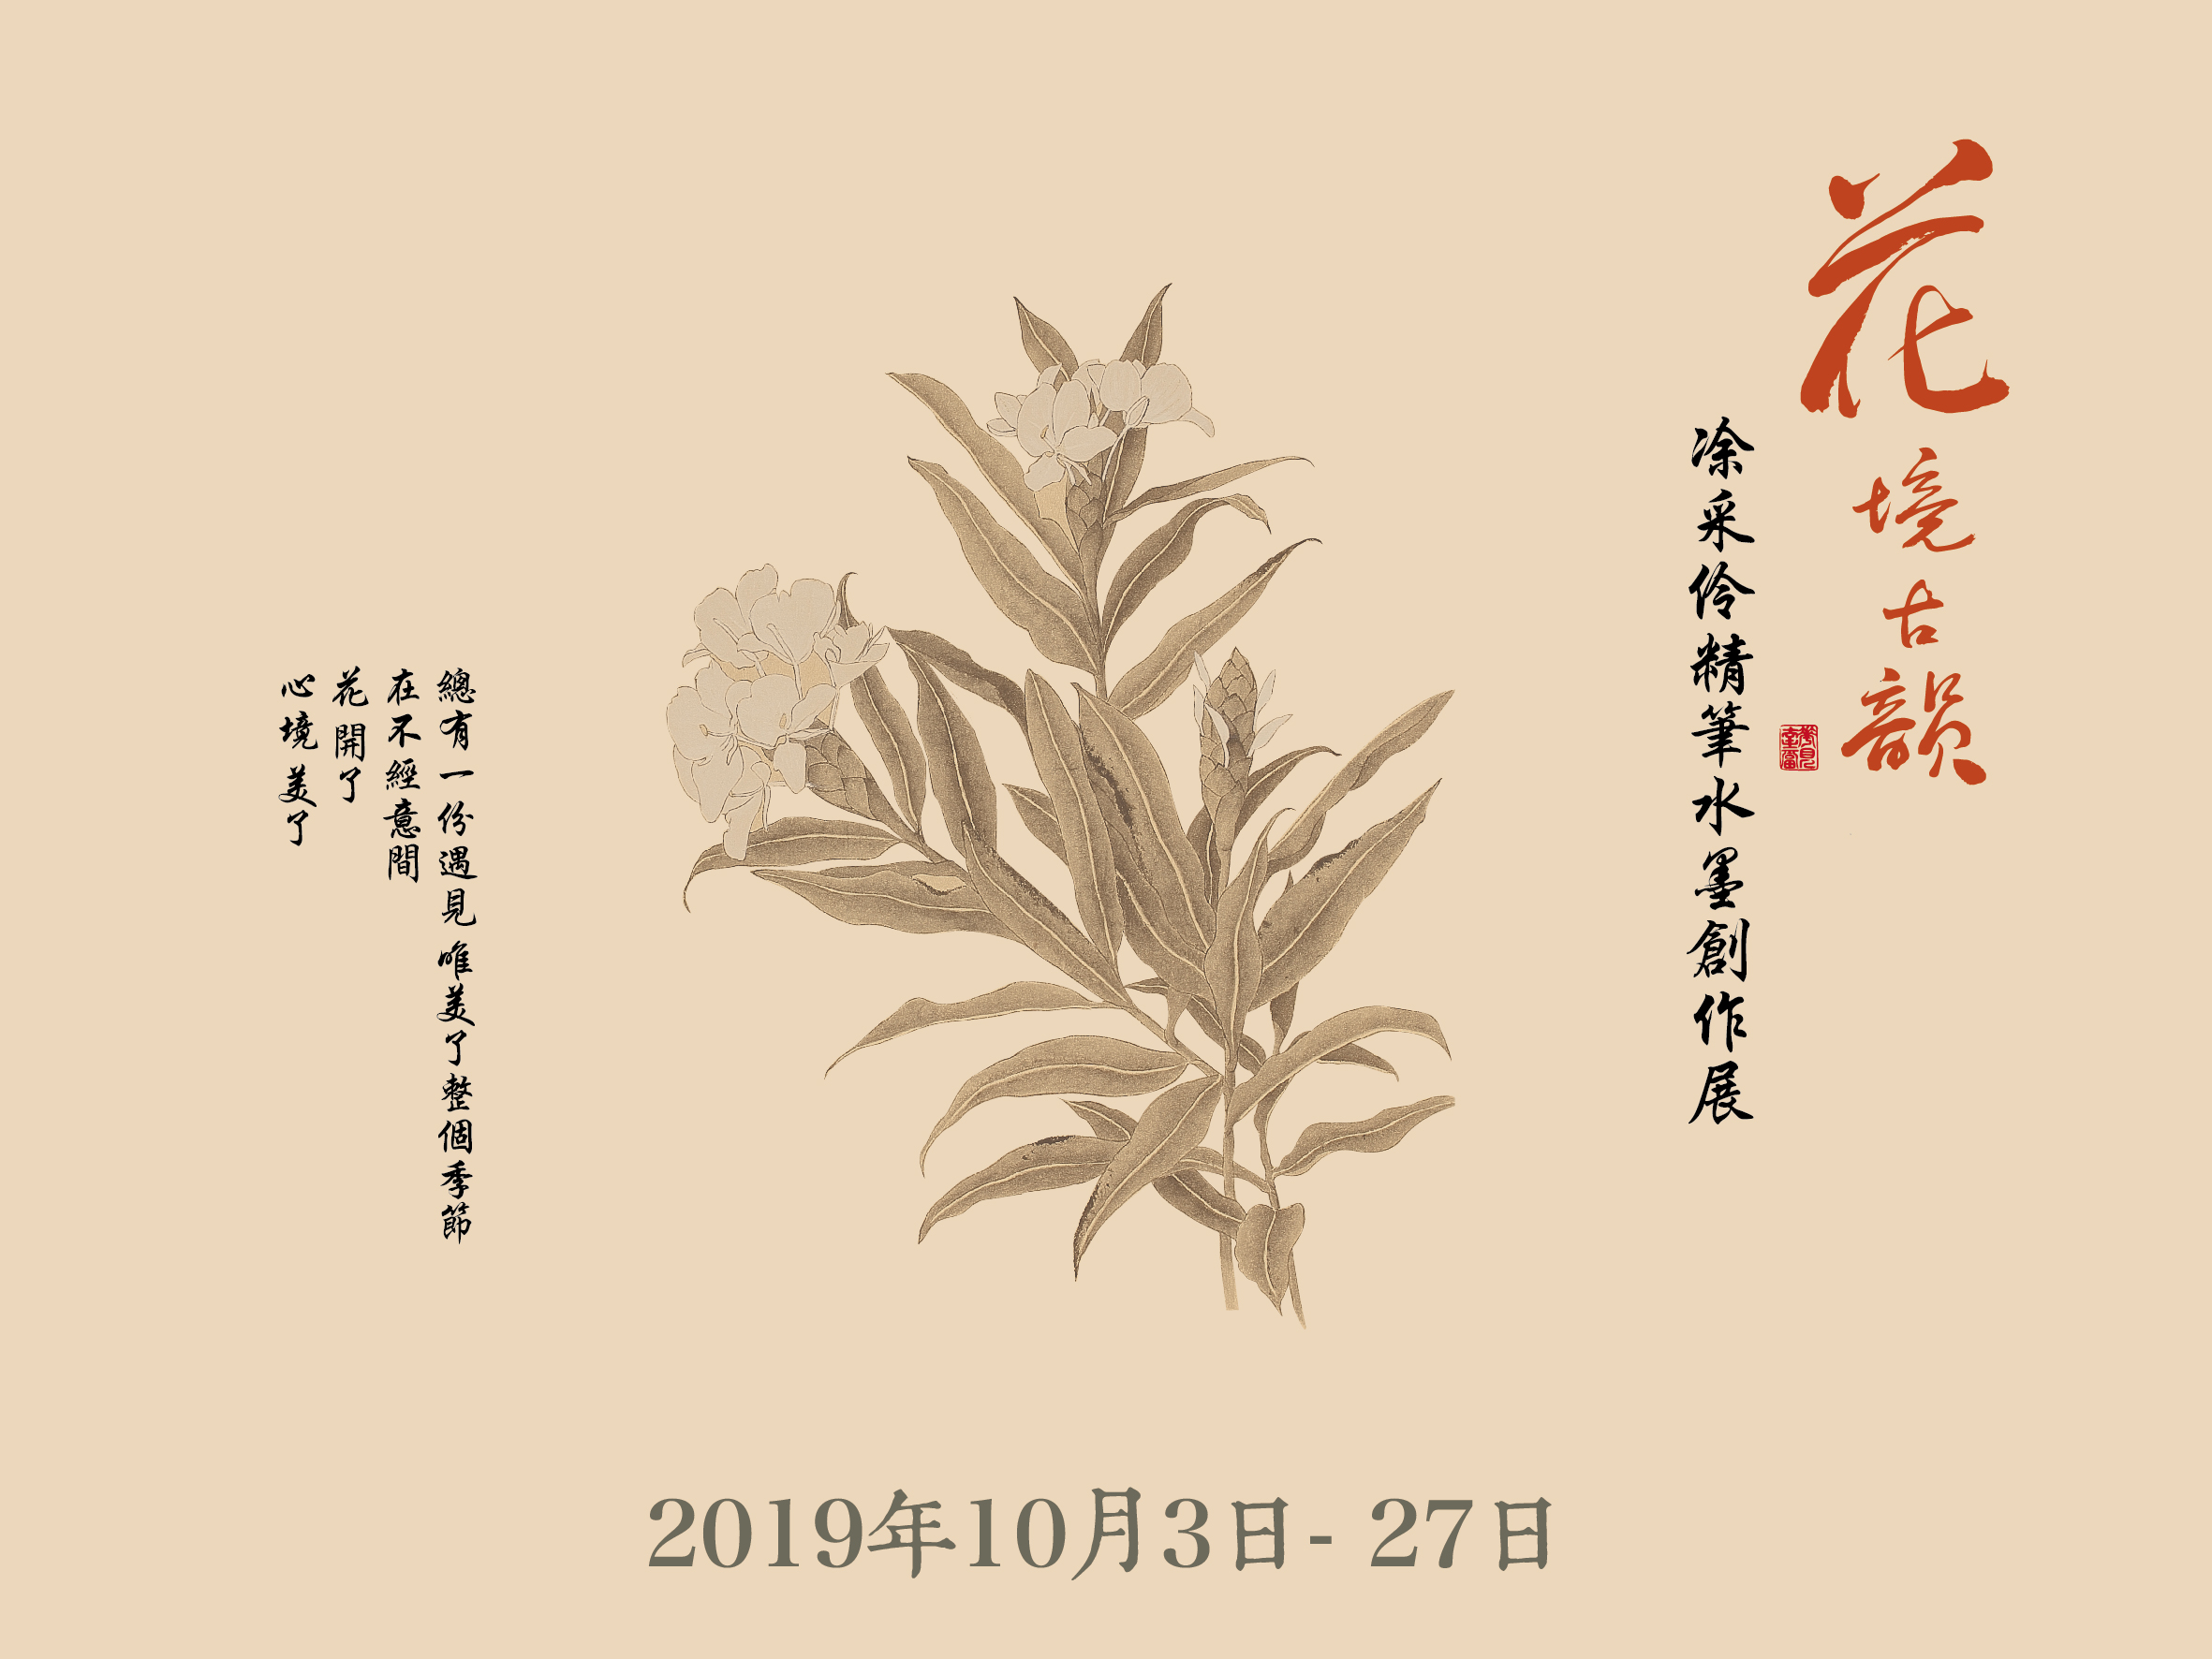 【傳習藝展】花境古韻-凃采伶精筆水墨創作展